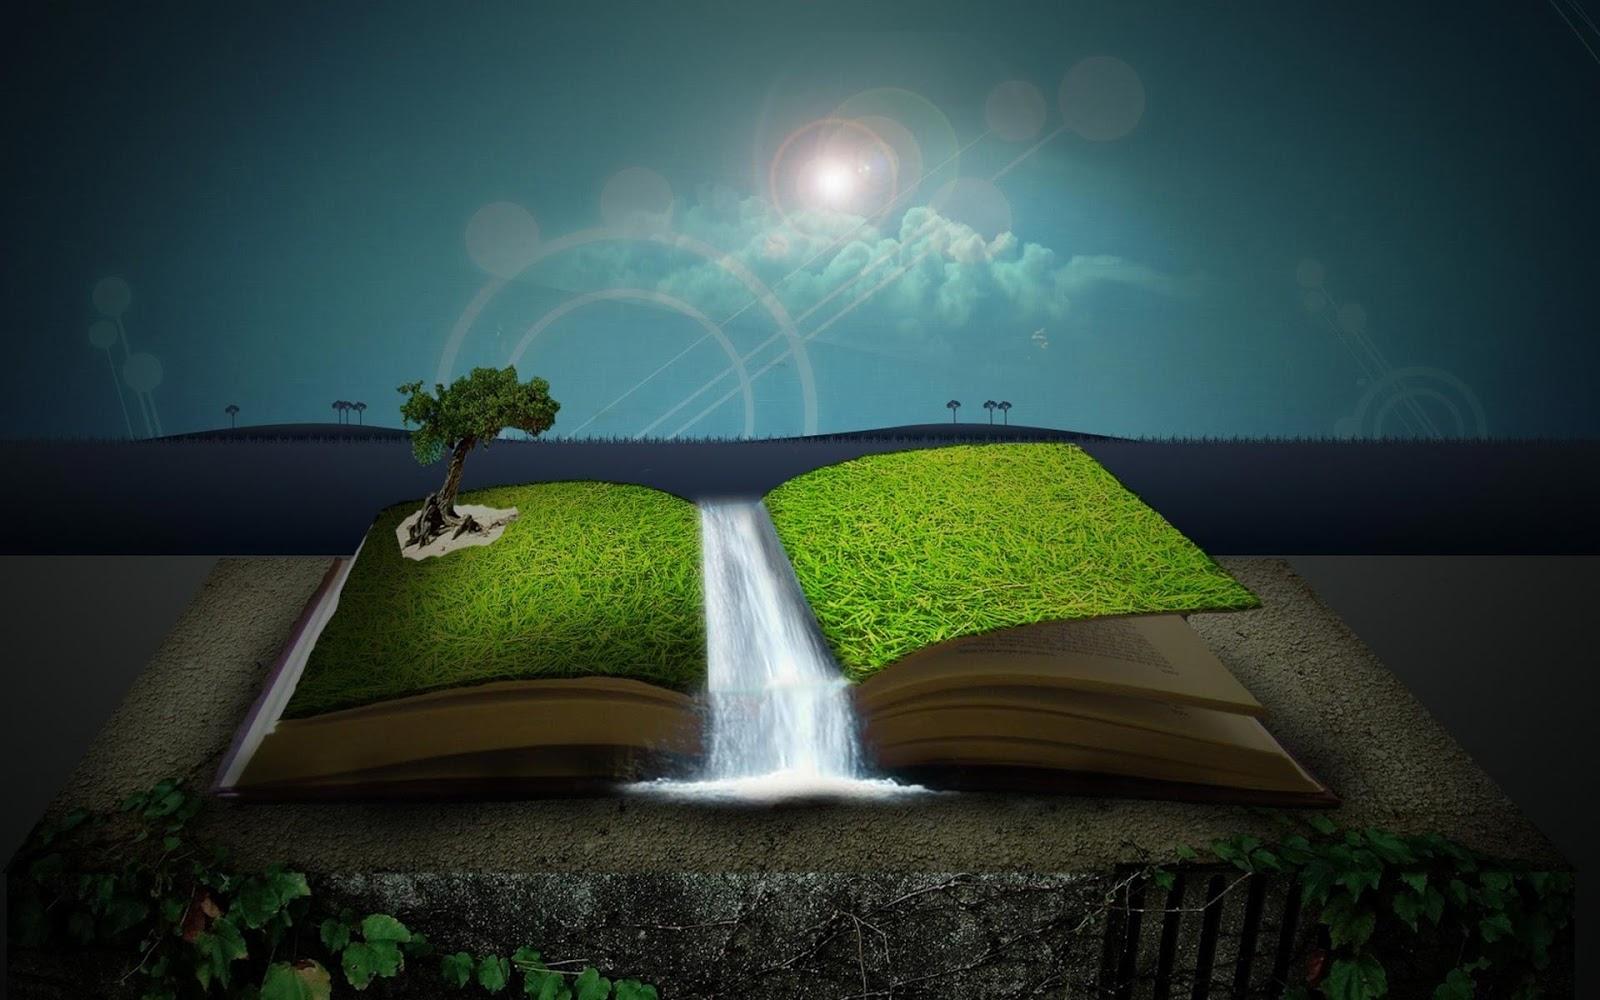 http://4.bp.blogspot.com/-8-qCSIl-Cdw/URihnhhGH2I/AAAAAAAABz8/Re4-0h1Z2TA/s1600/book_of_nature_hd_widescreen_wallpapers_1920x1200.jpeg